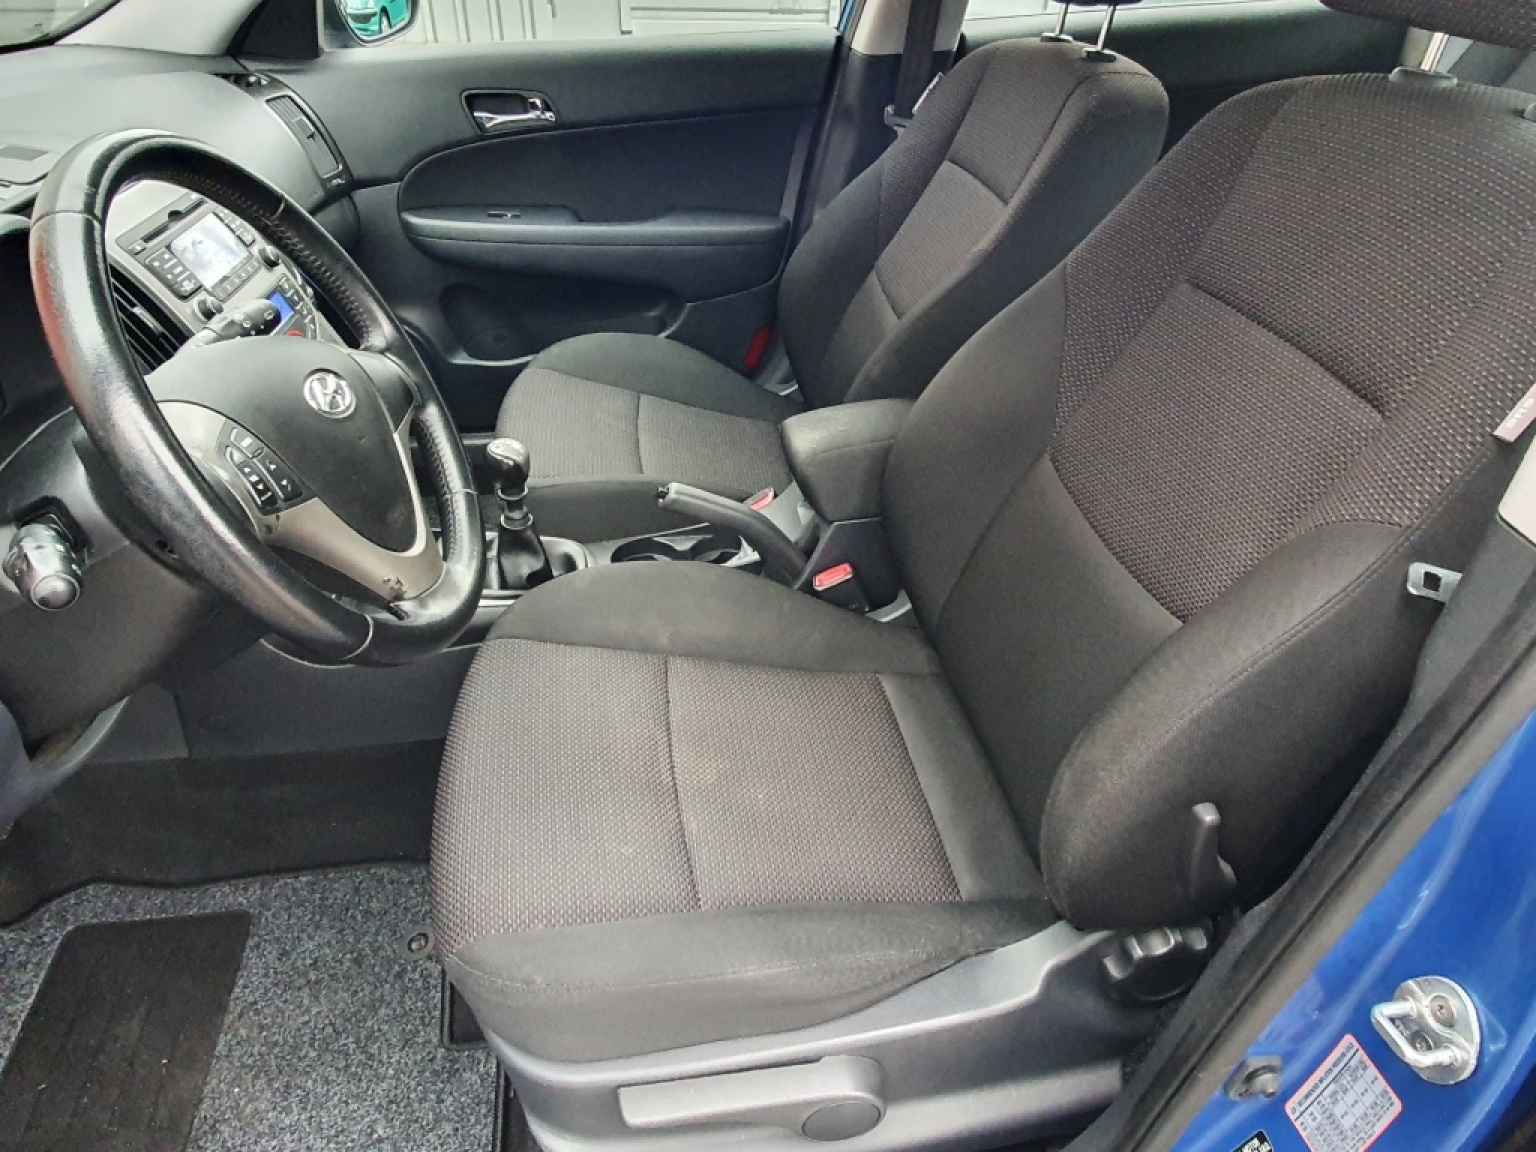 Hyundai-i30-7